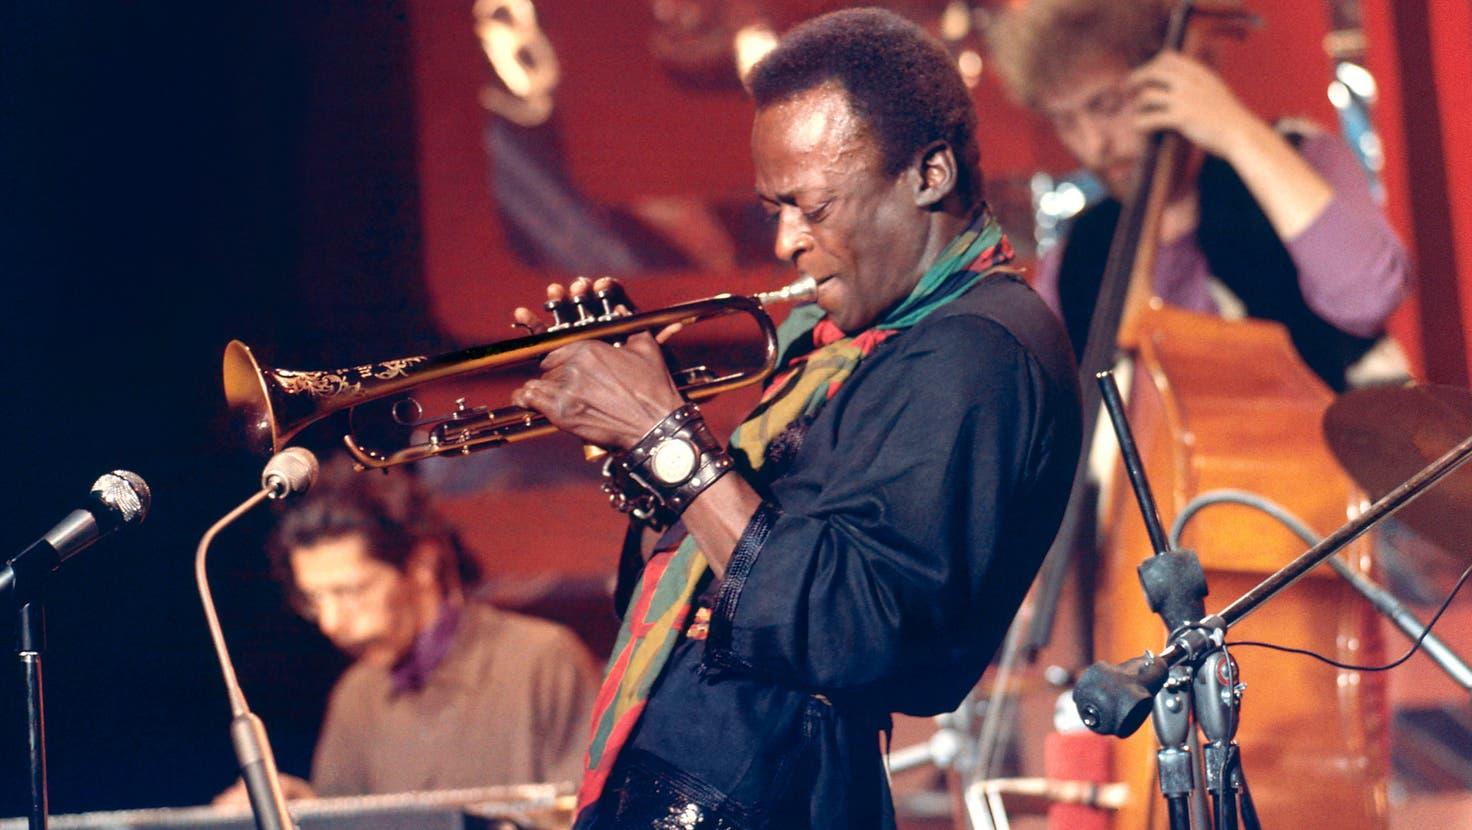 Ein einmaliges Ereignis: Jazztrompeter Miles Davis in der alten Stadthalle Dietikon am 22. Oktober 1971. (zvg/Roland Stucky)